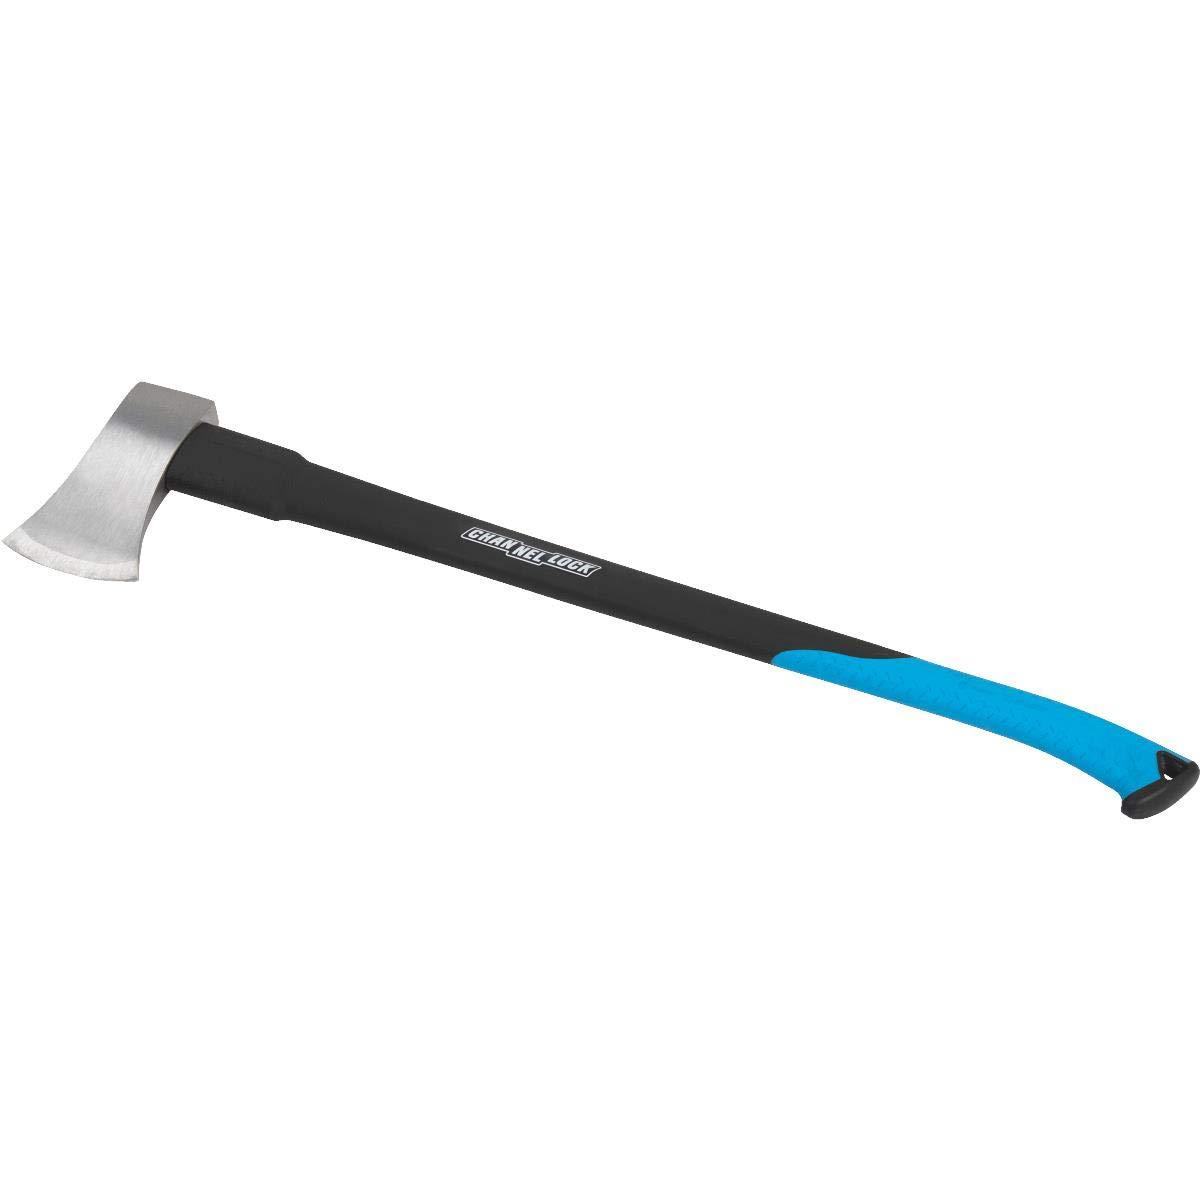 Channellock 361021 Single Bit Axe, 3-1/2 lb